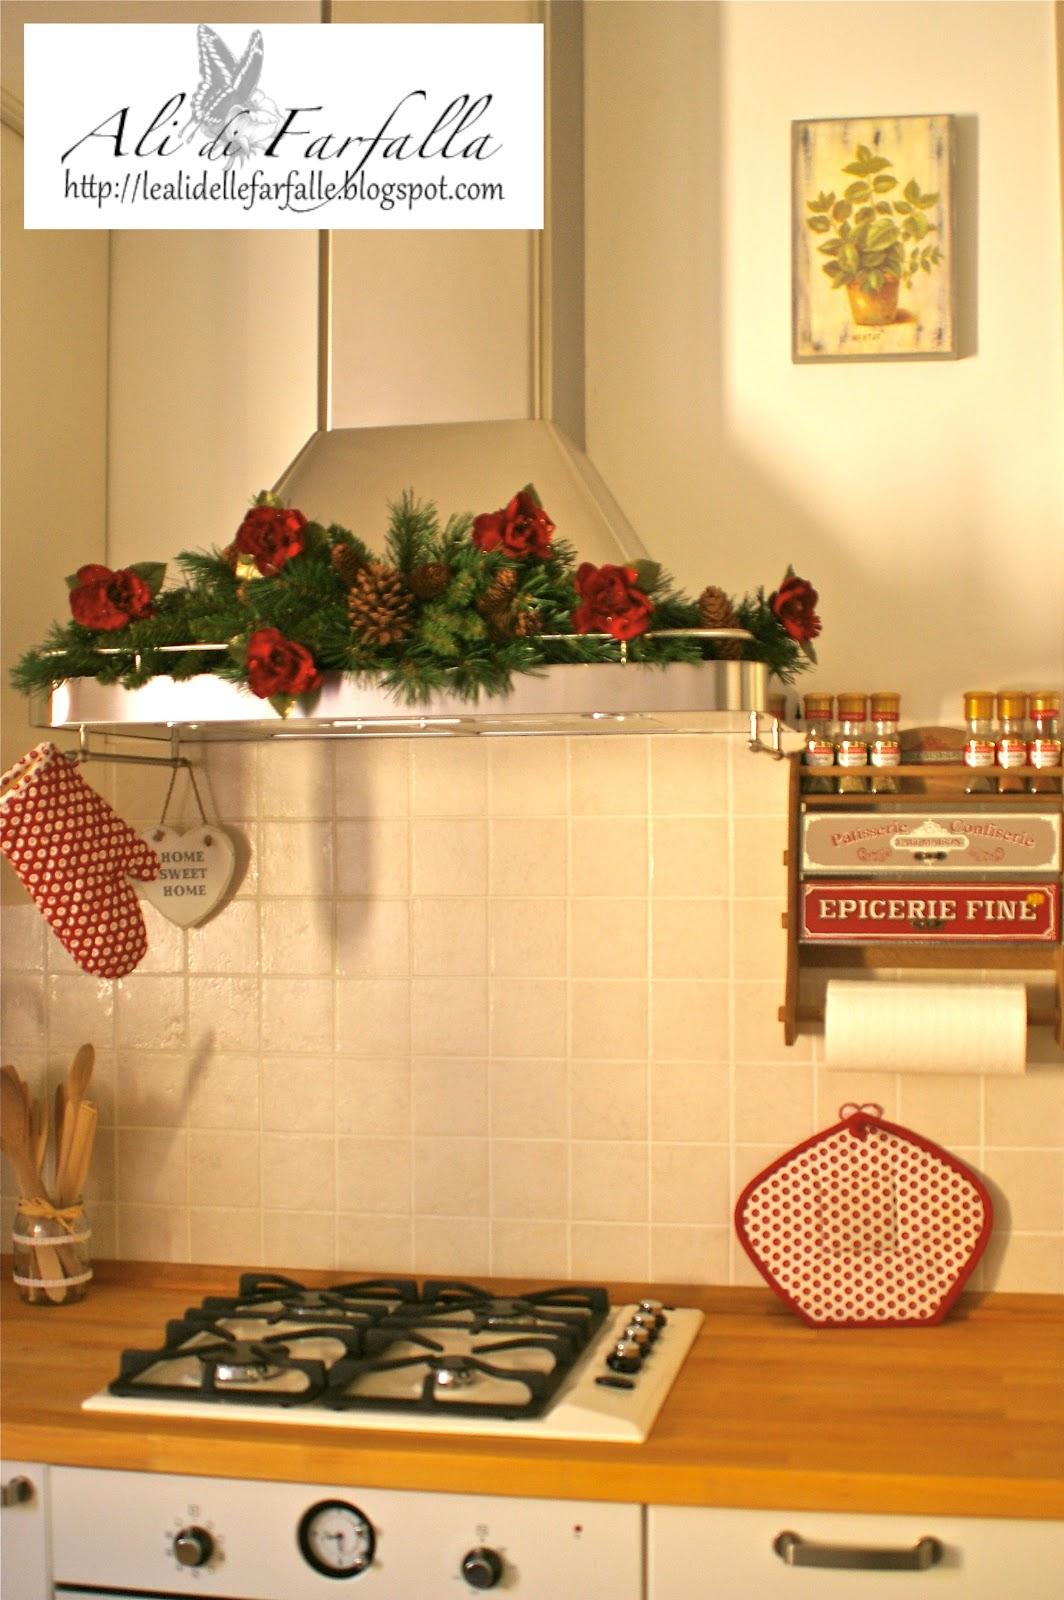 Ali di farfalla il frutto di mani e cuore cucina - Addobbi natalizi per cucina ...